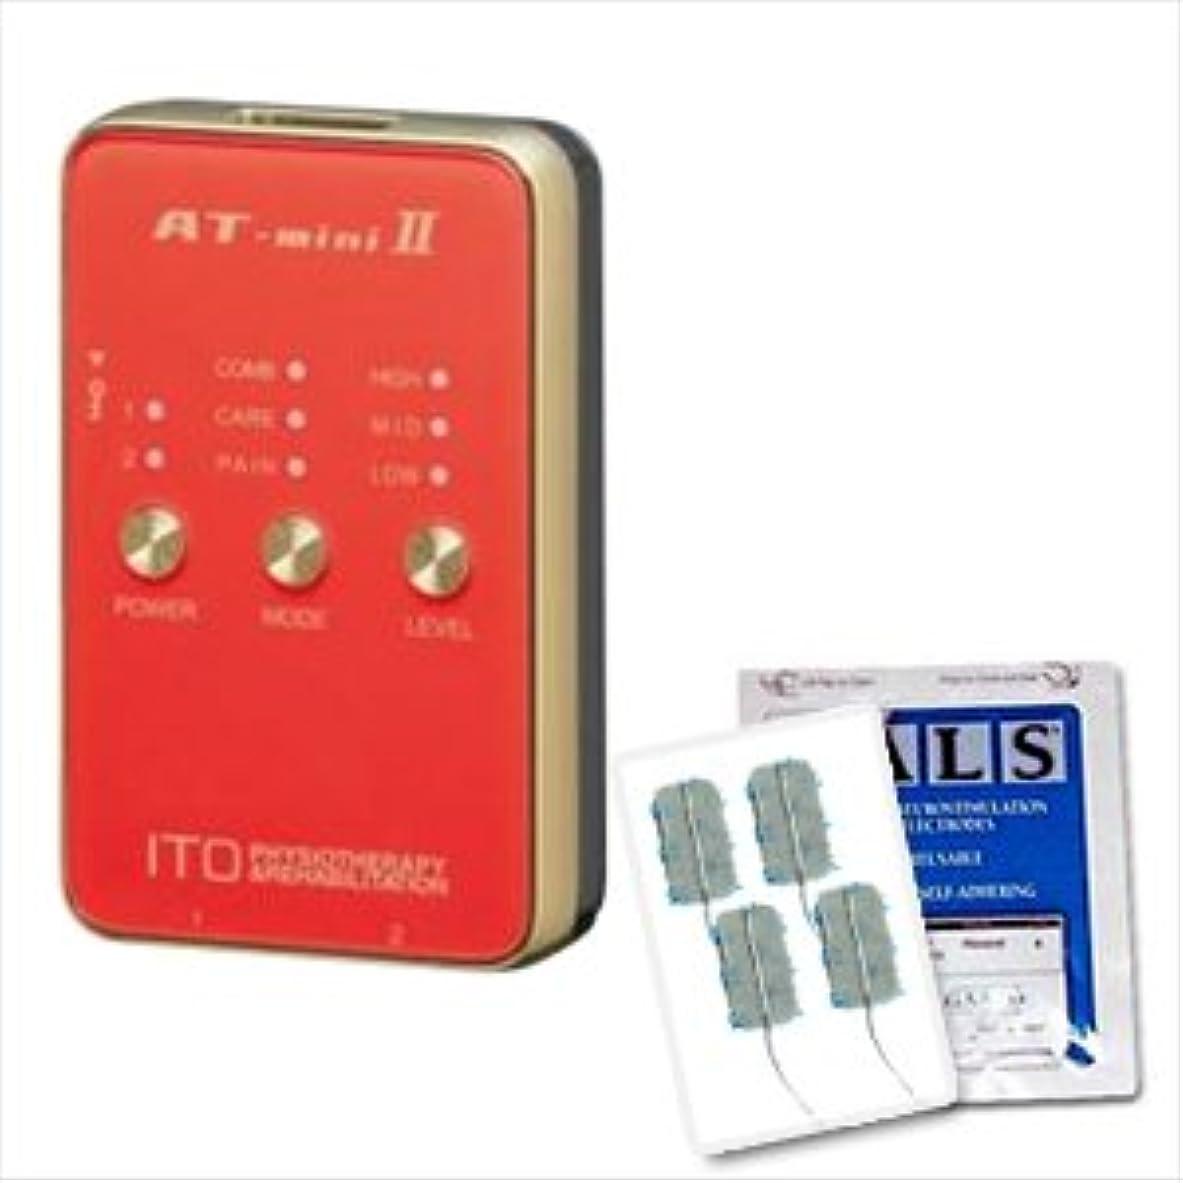 連帯年金詳細な低周波治療器 AT-mini II オレンジ +アクセルガードLサイズ(5x9cm:1袋4枚入)セット